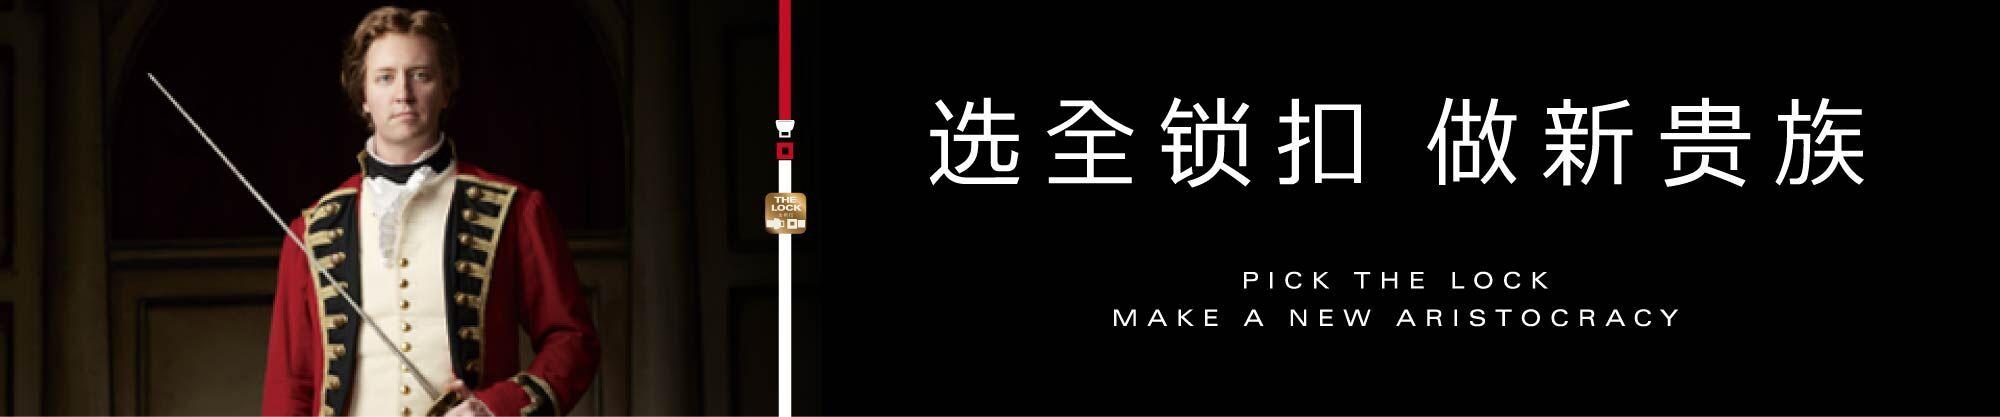 苏州市久隆仙聚装饰材料有限公司